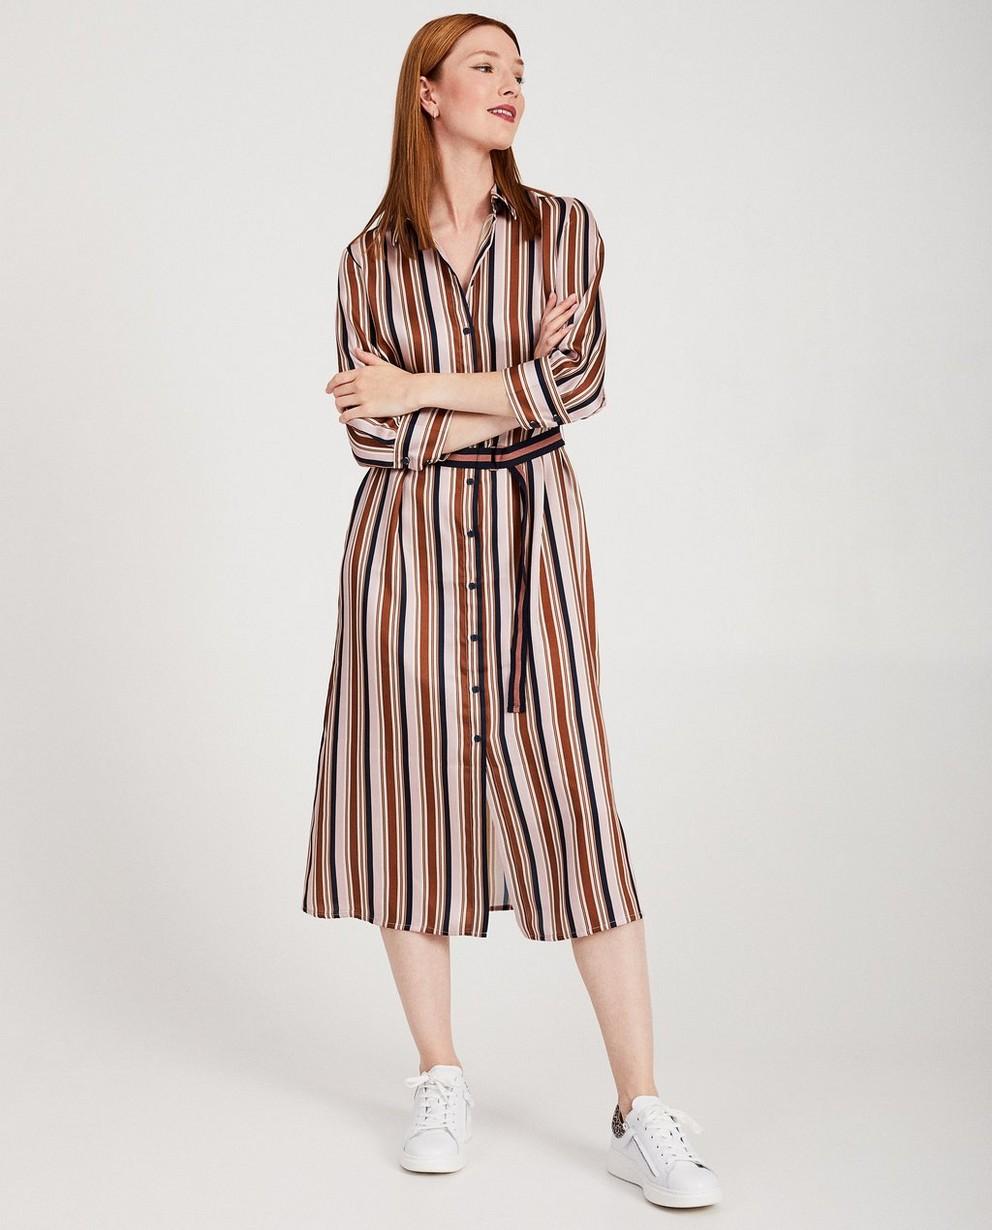 Robes - AO2 -